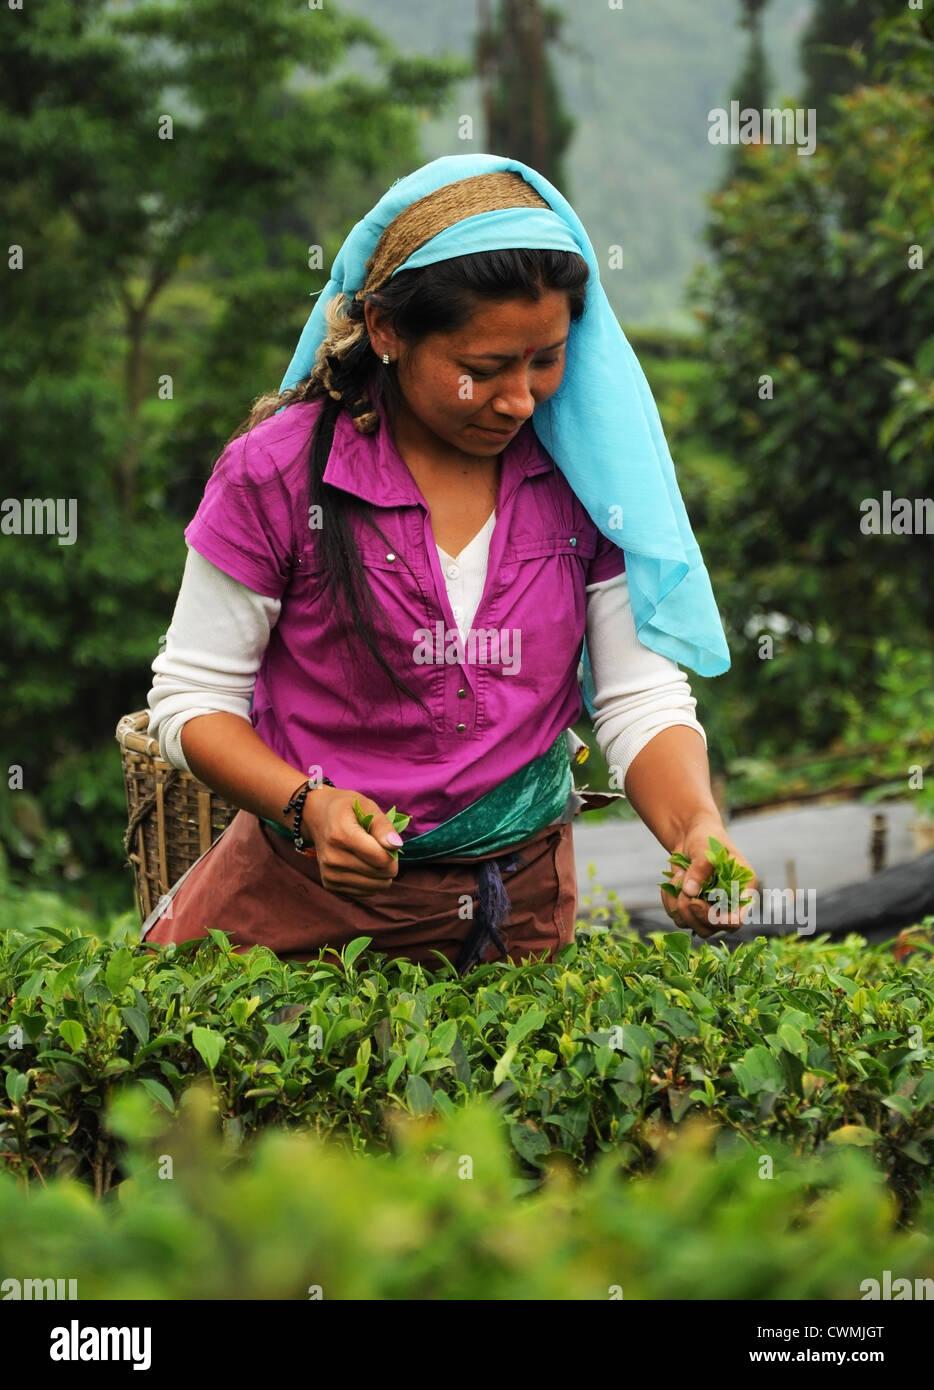 Los recolectores de té en un jardín de té Darjeeling, India Imagen De Stock